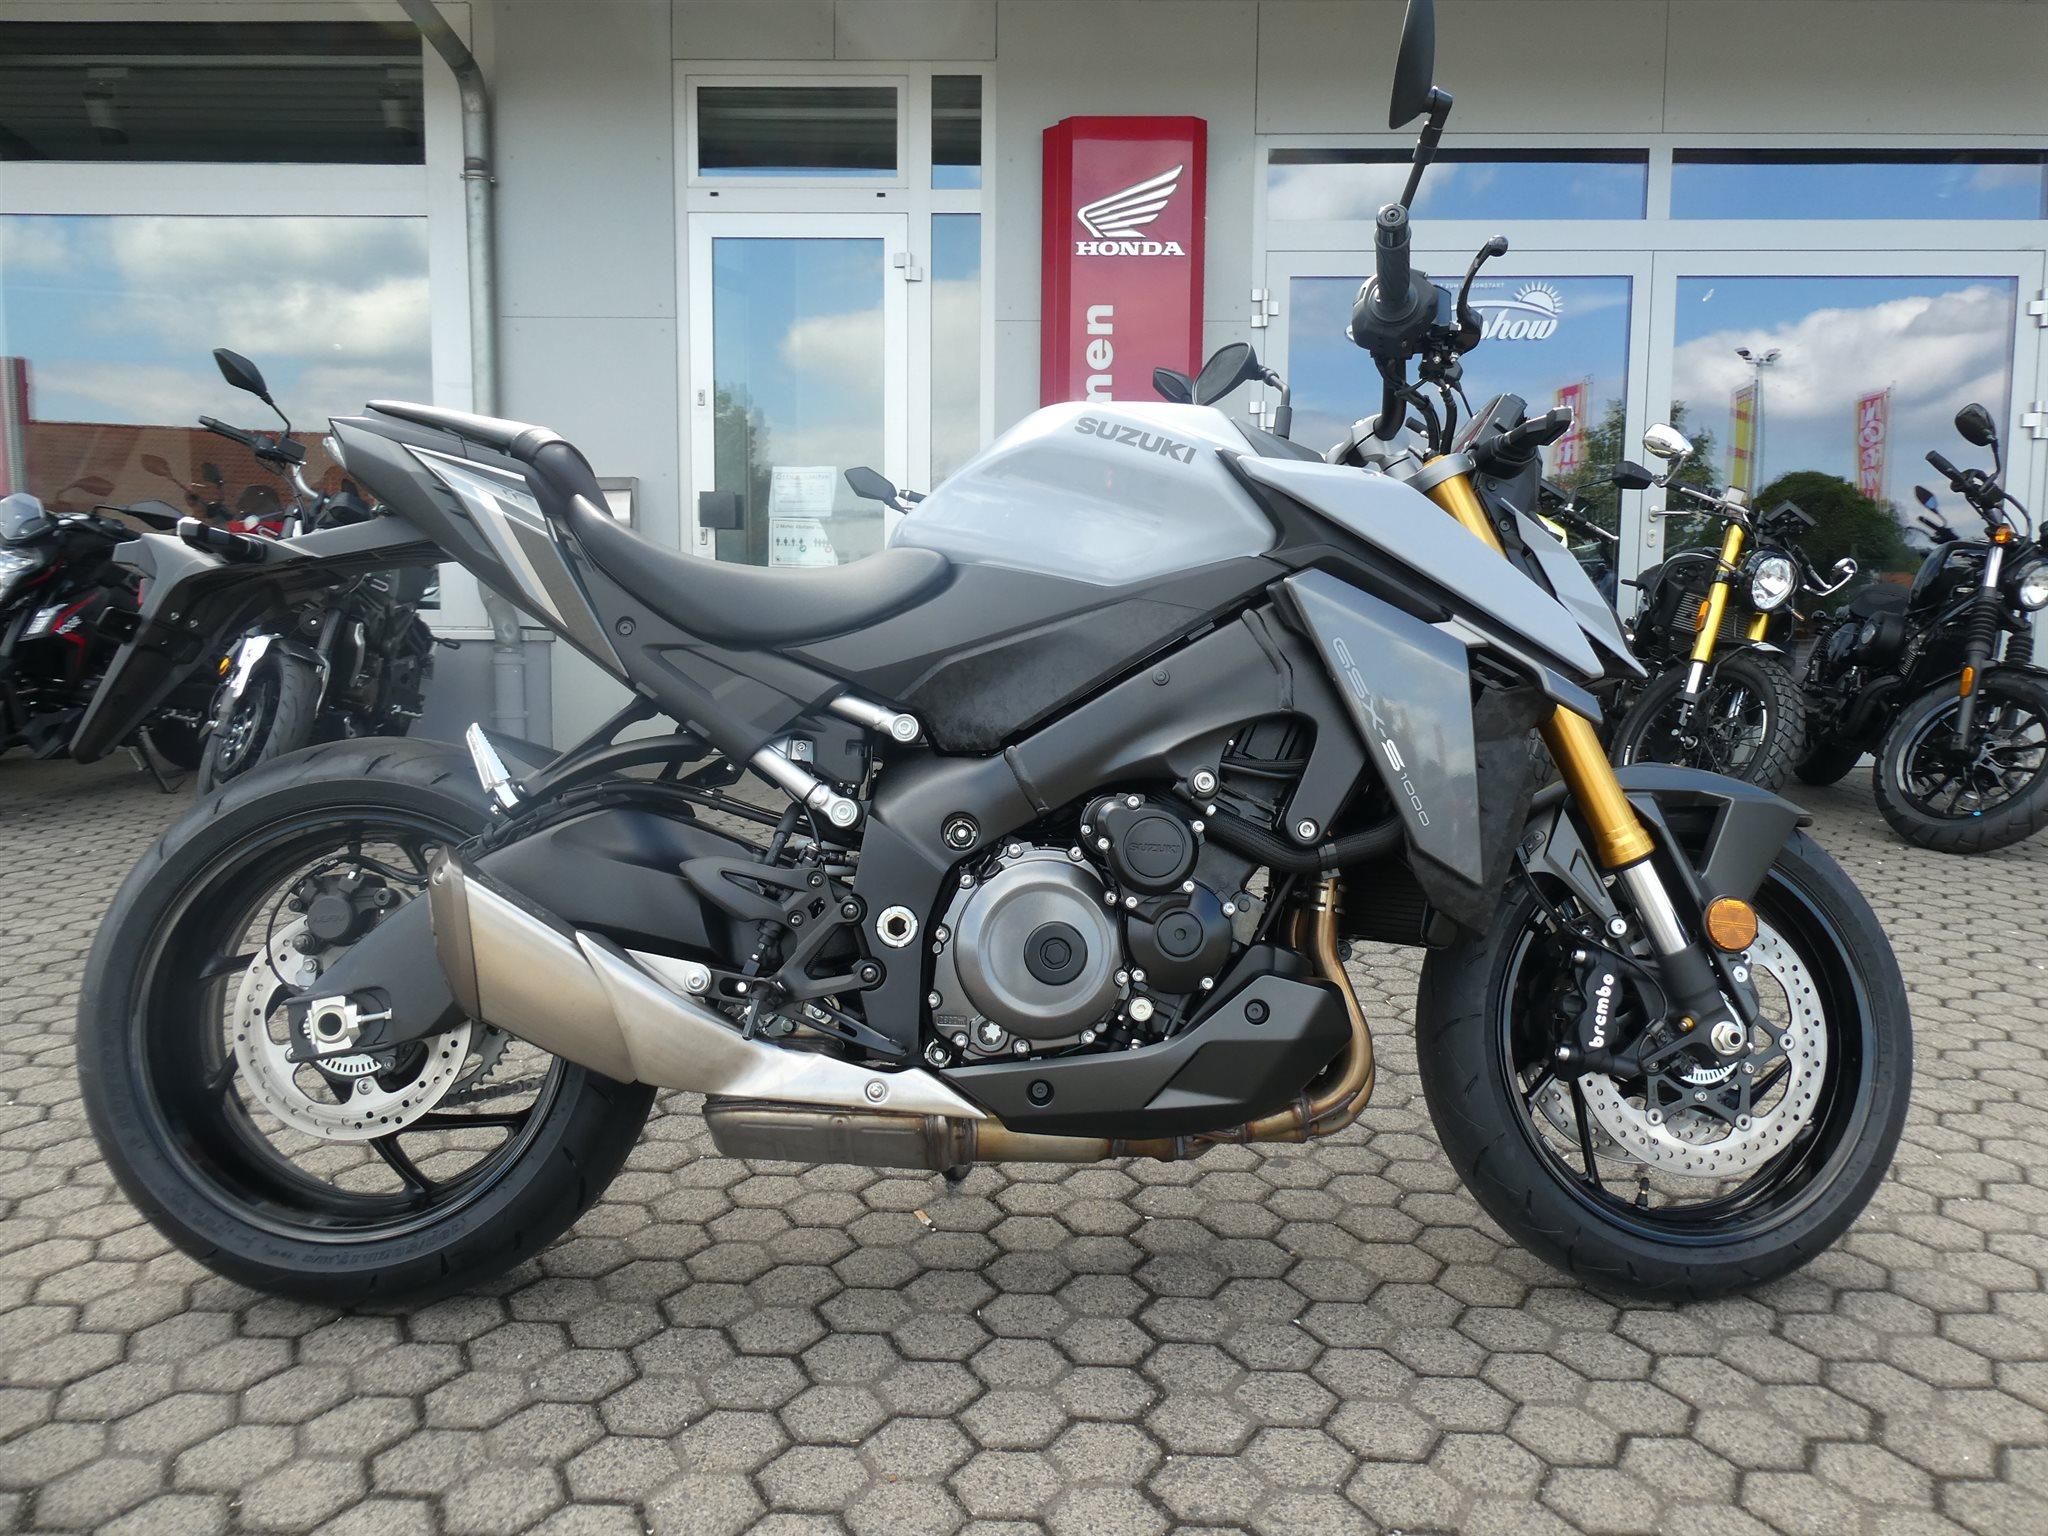 Verleihmotorrad Honda CB 1000 R vom Händler Motorradcenter